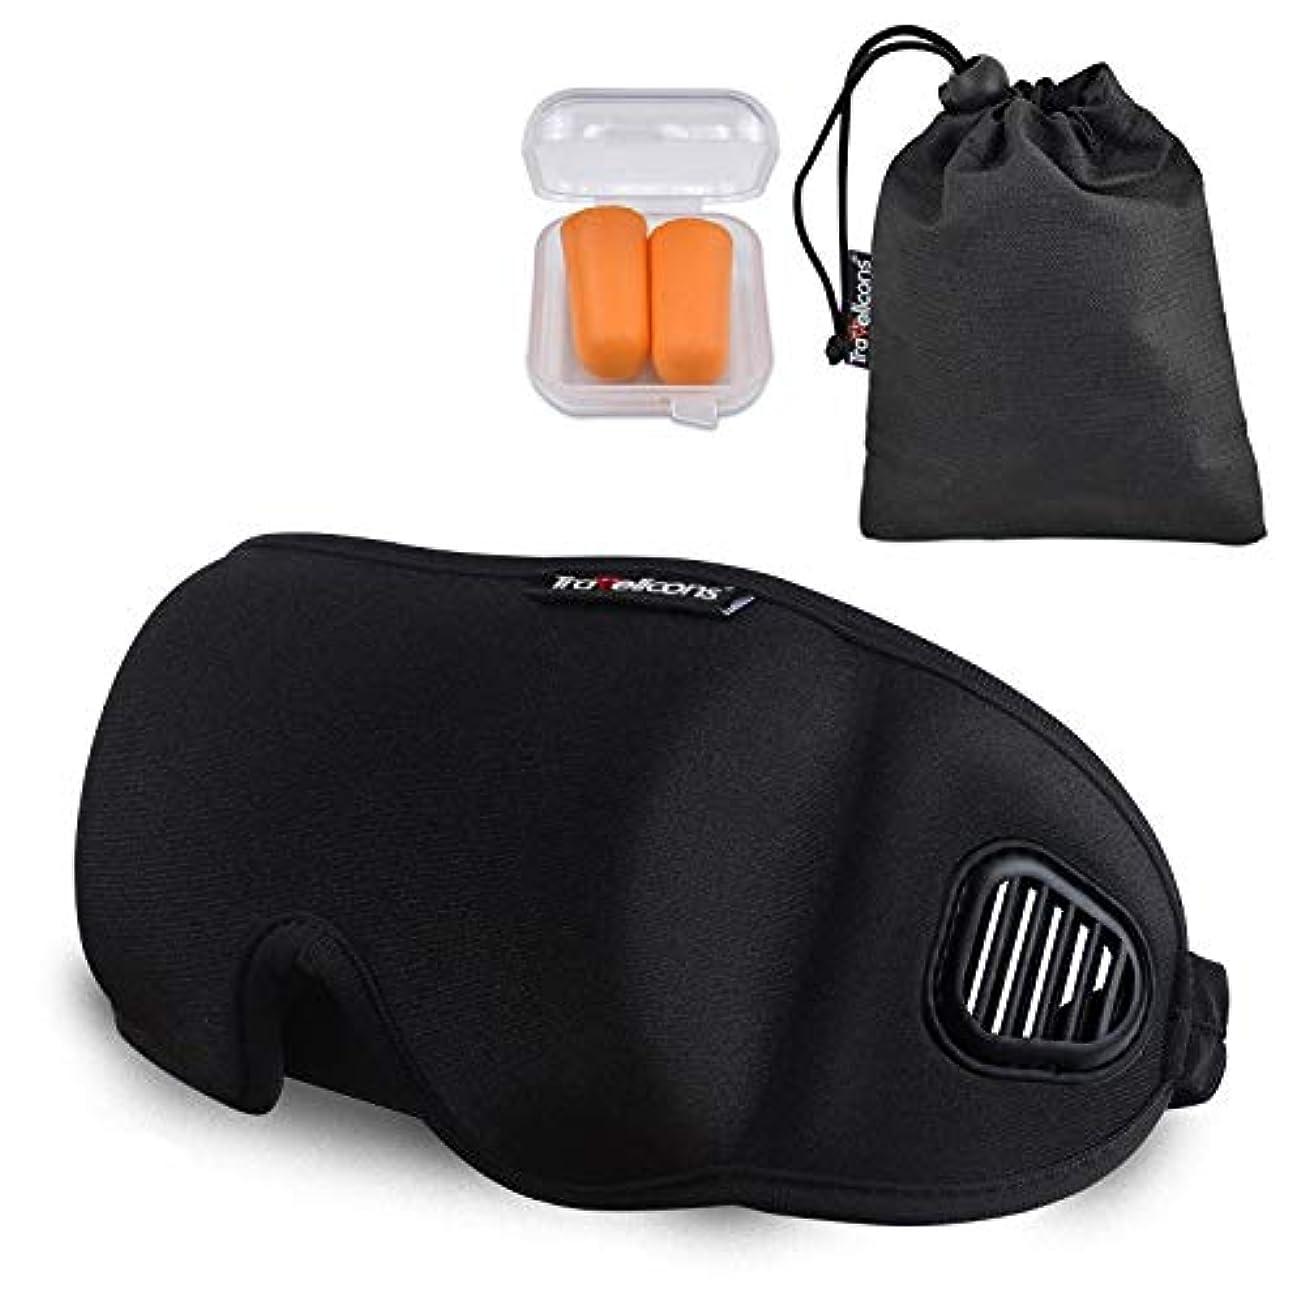 シャットトロピカルかんがいNOTE ソフト通気性3dスリーピングアイマスクアイシェードブラック包帯用スリープマスクブラックアイズカバー目隠し用睡眠旅行残り